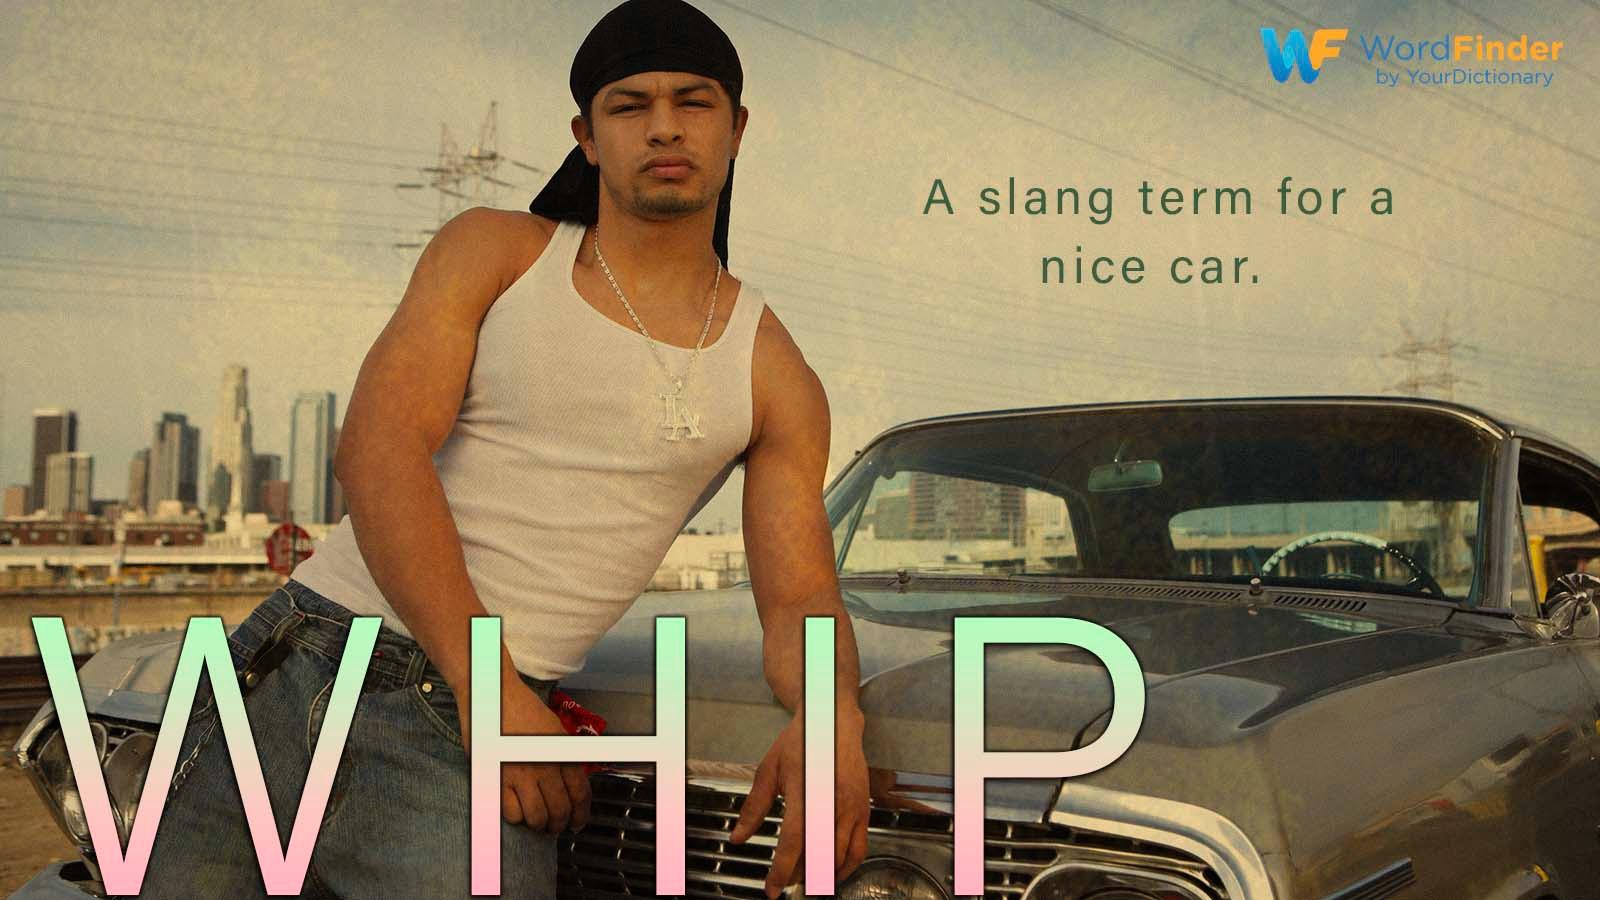 whip definition nice car